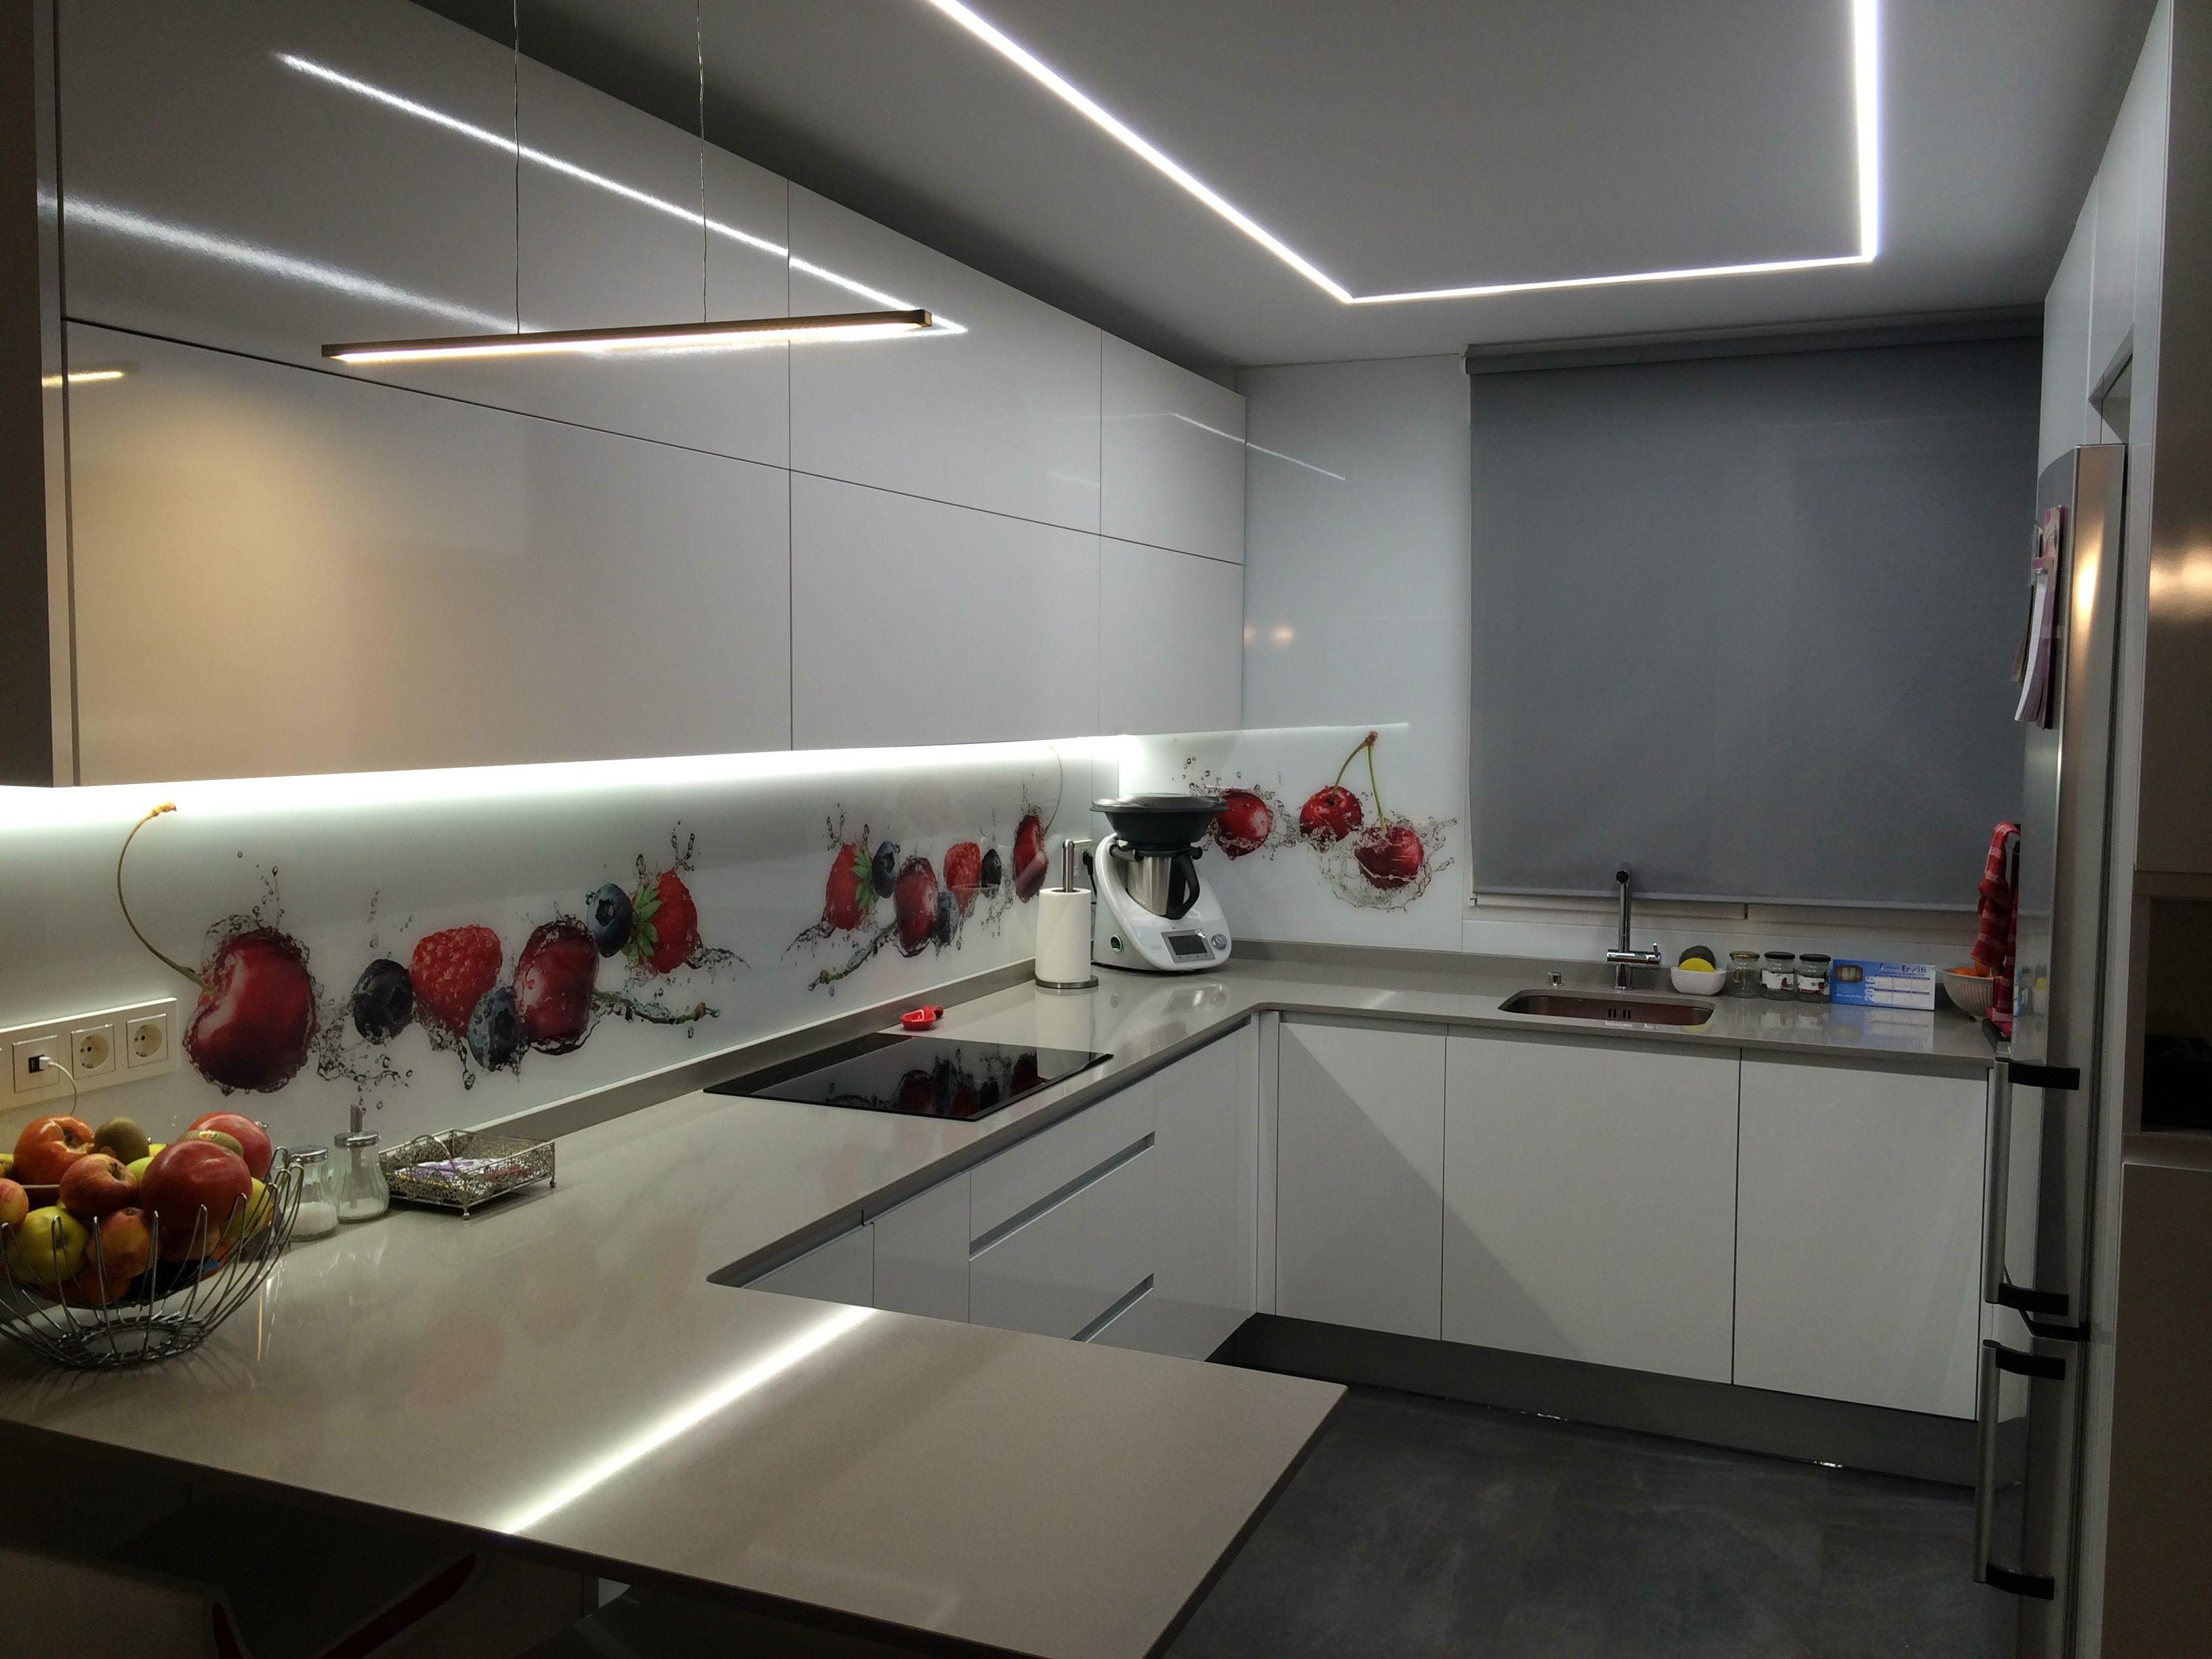 Cocina moderna con luz led en el techo y bajo el mueble. Kitchen ...